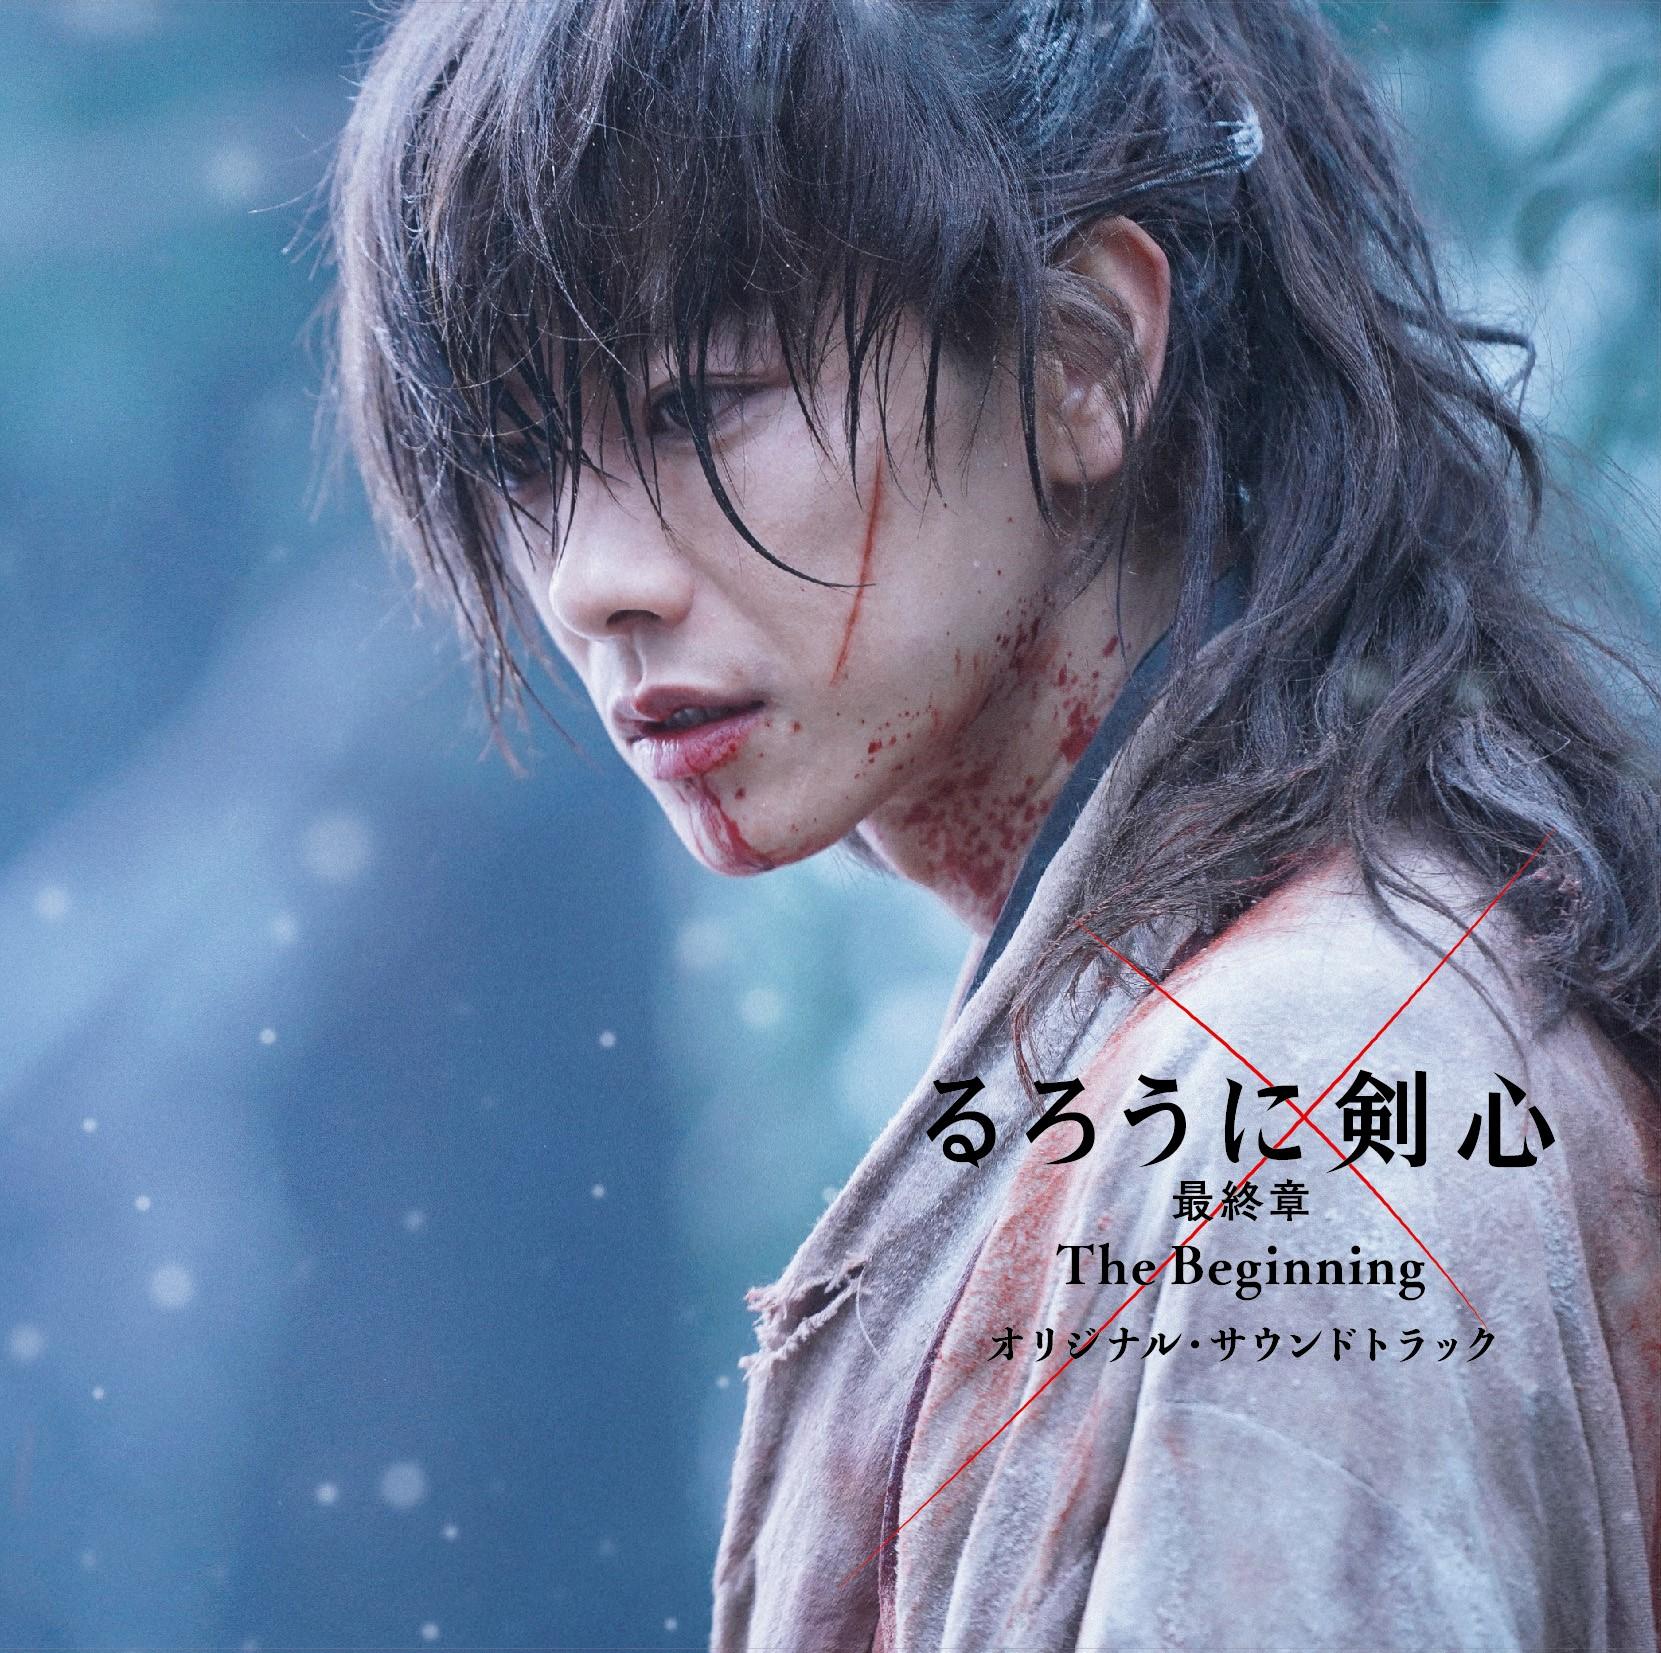 るろうに剣心 The Beginning オリジナル・サウンドトラック